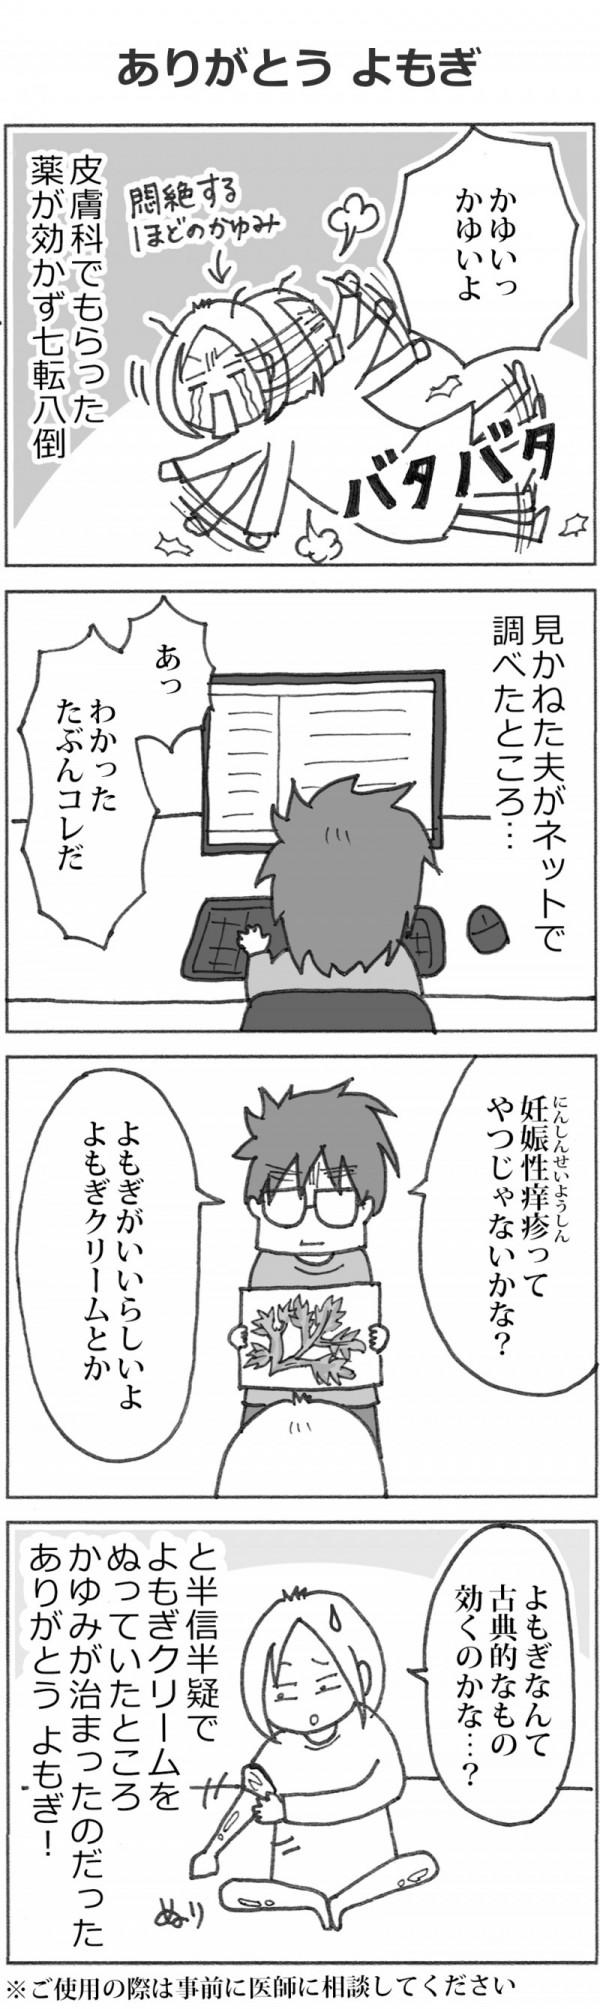 katakrico_5